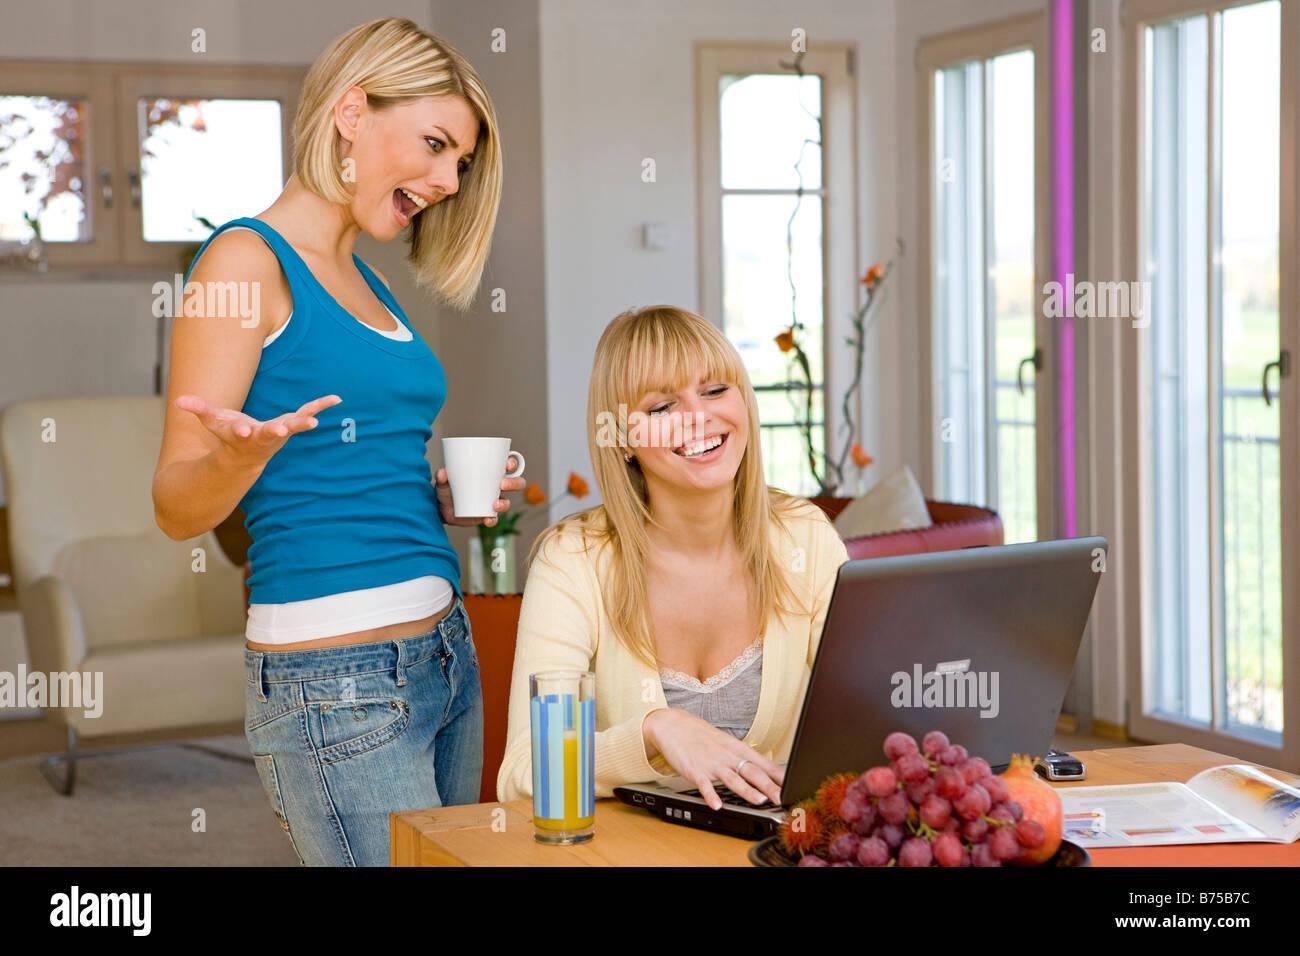 Zwei Frauen surfen zusammen im Internet, two women surfing the internet together - Stock Image